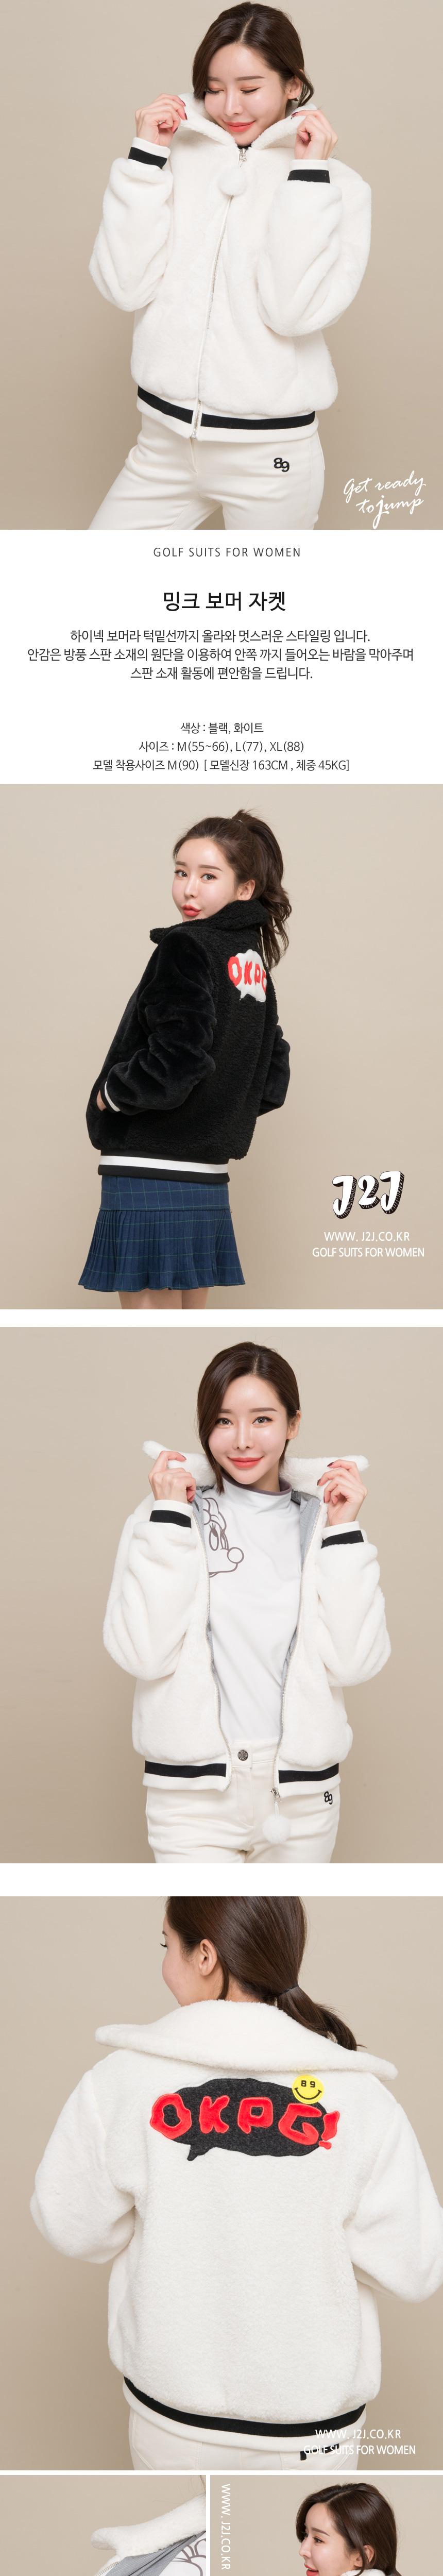 젊은감성 여성골프복- 밍크보머자켓 M L XL  겨울골프웨어 아우터 점퍼 - 제인에잇, 168,000원, 아우터, 자켓